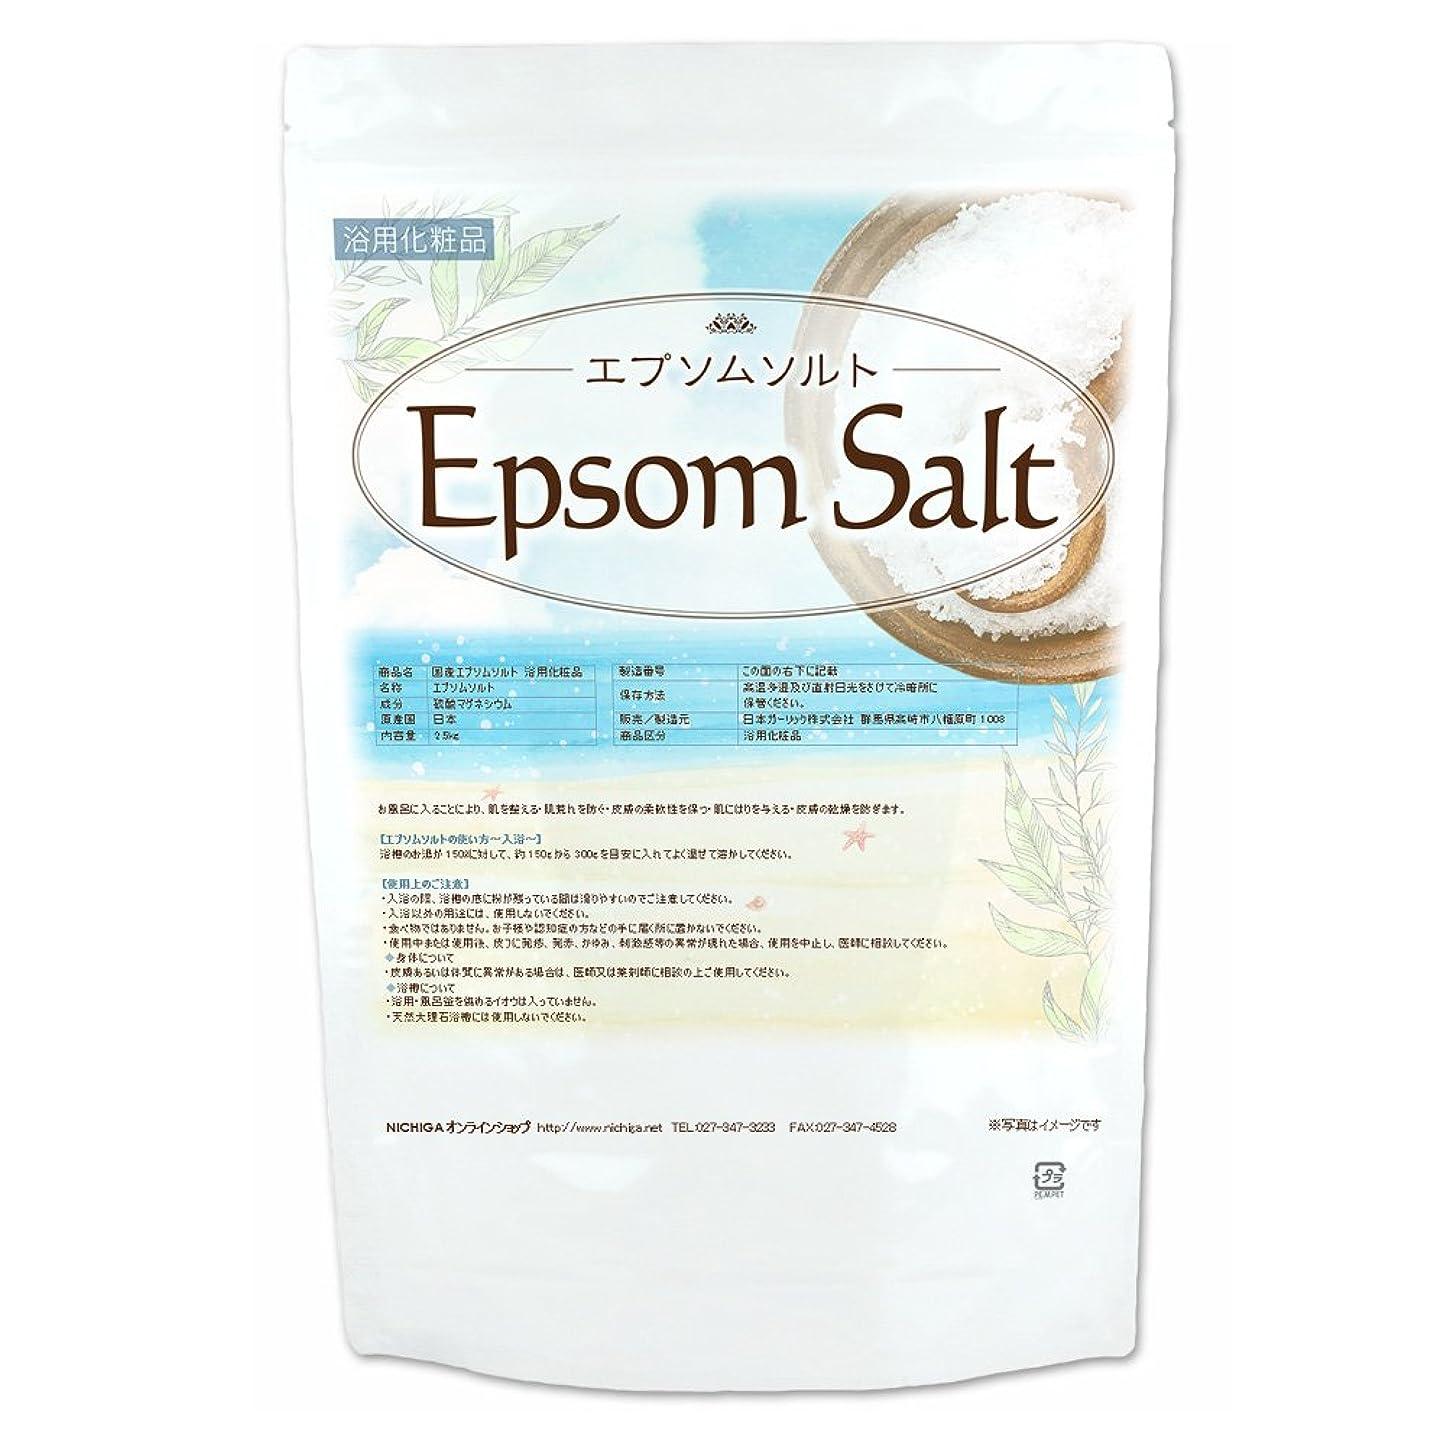 ルーフカバーフィヨルドエプソムソルト2.5kg(Epsom Salt)[02] 浴用化粧品 国産原料 NICHIGA(ニチガ)